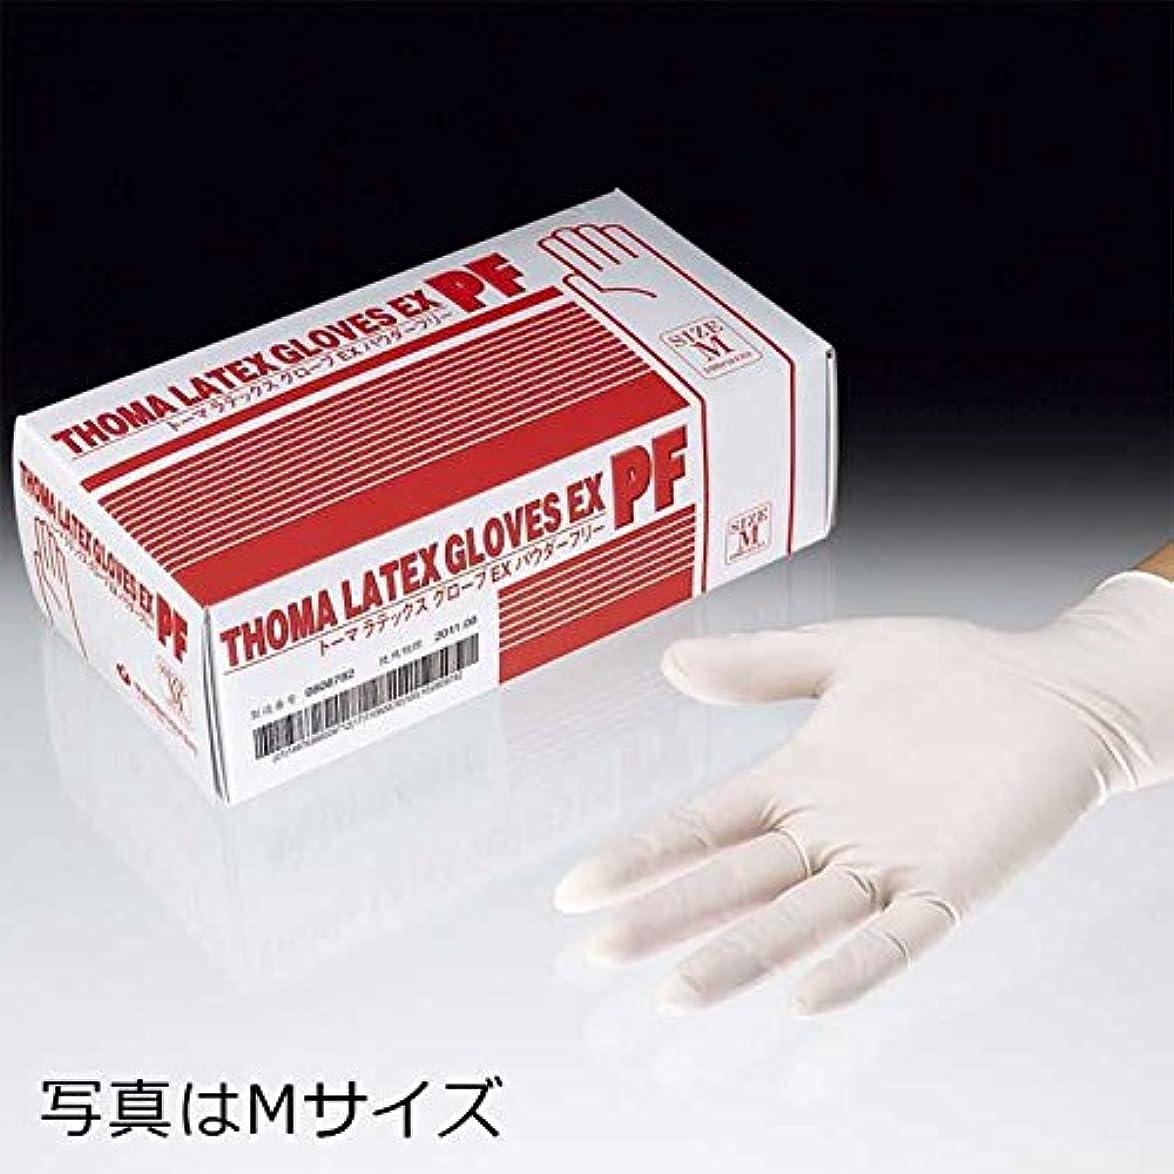 配送台風接辞トーマラテックス手袋EX PF 天然ゴム 使い捨て手袋 粉なし2000枚 (100枚入り20箱) (SS)